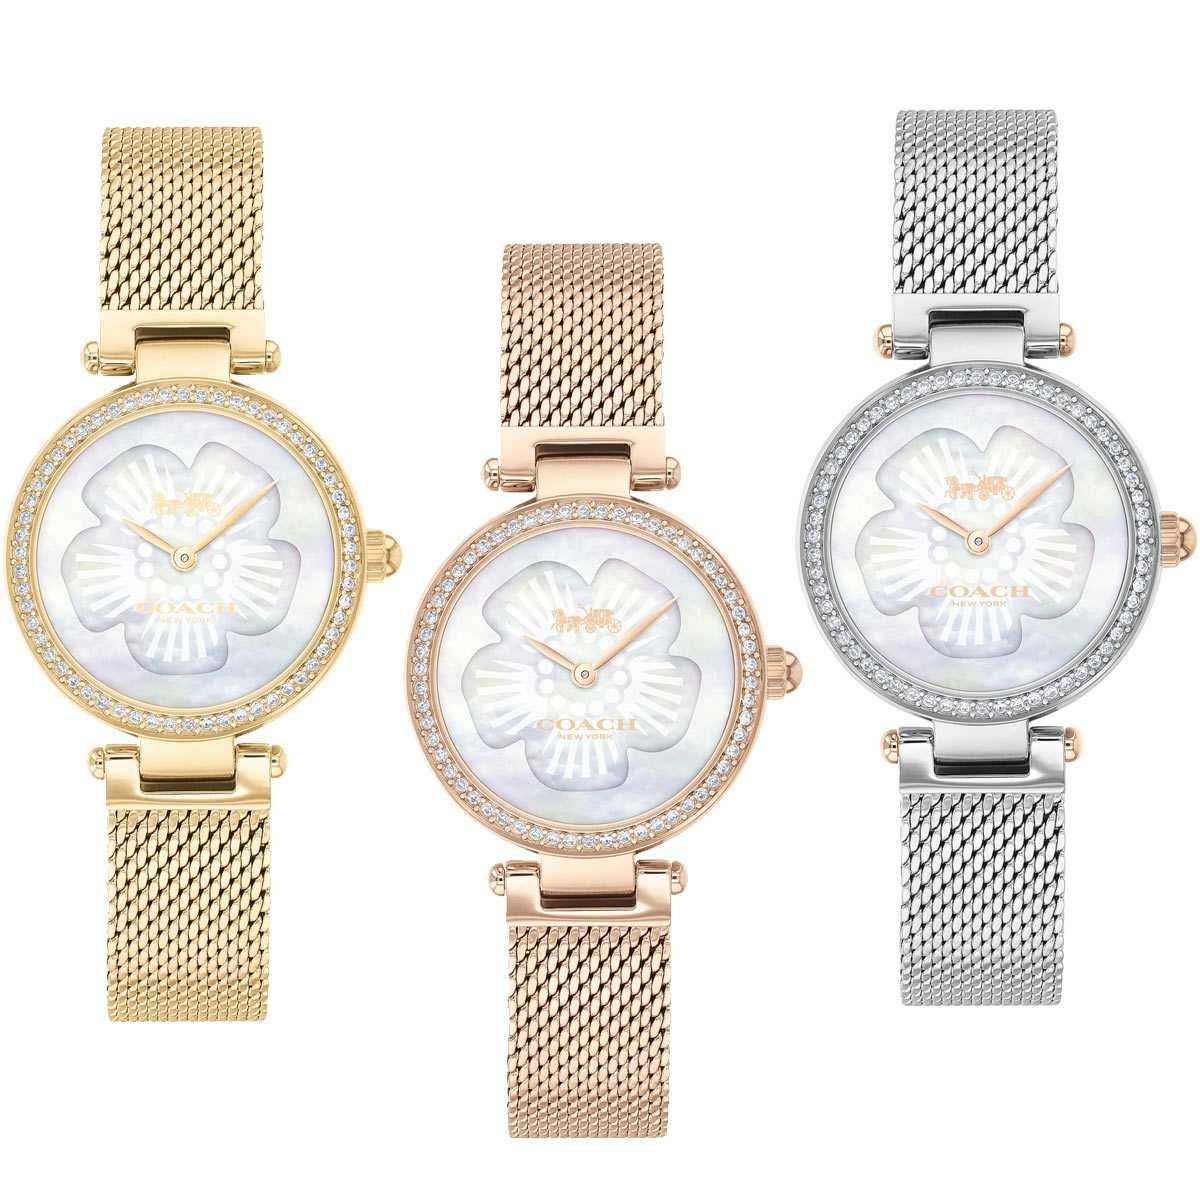 コーチ 腕時計 レディース ブランド 時計 かわいい ストア 後払い Park パーク COACH 女性 おしゃれ 高価値